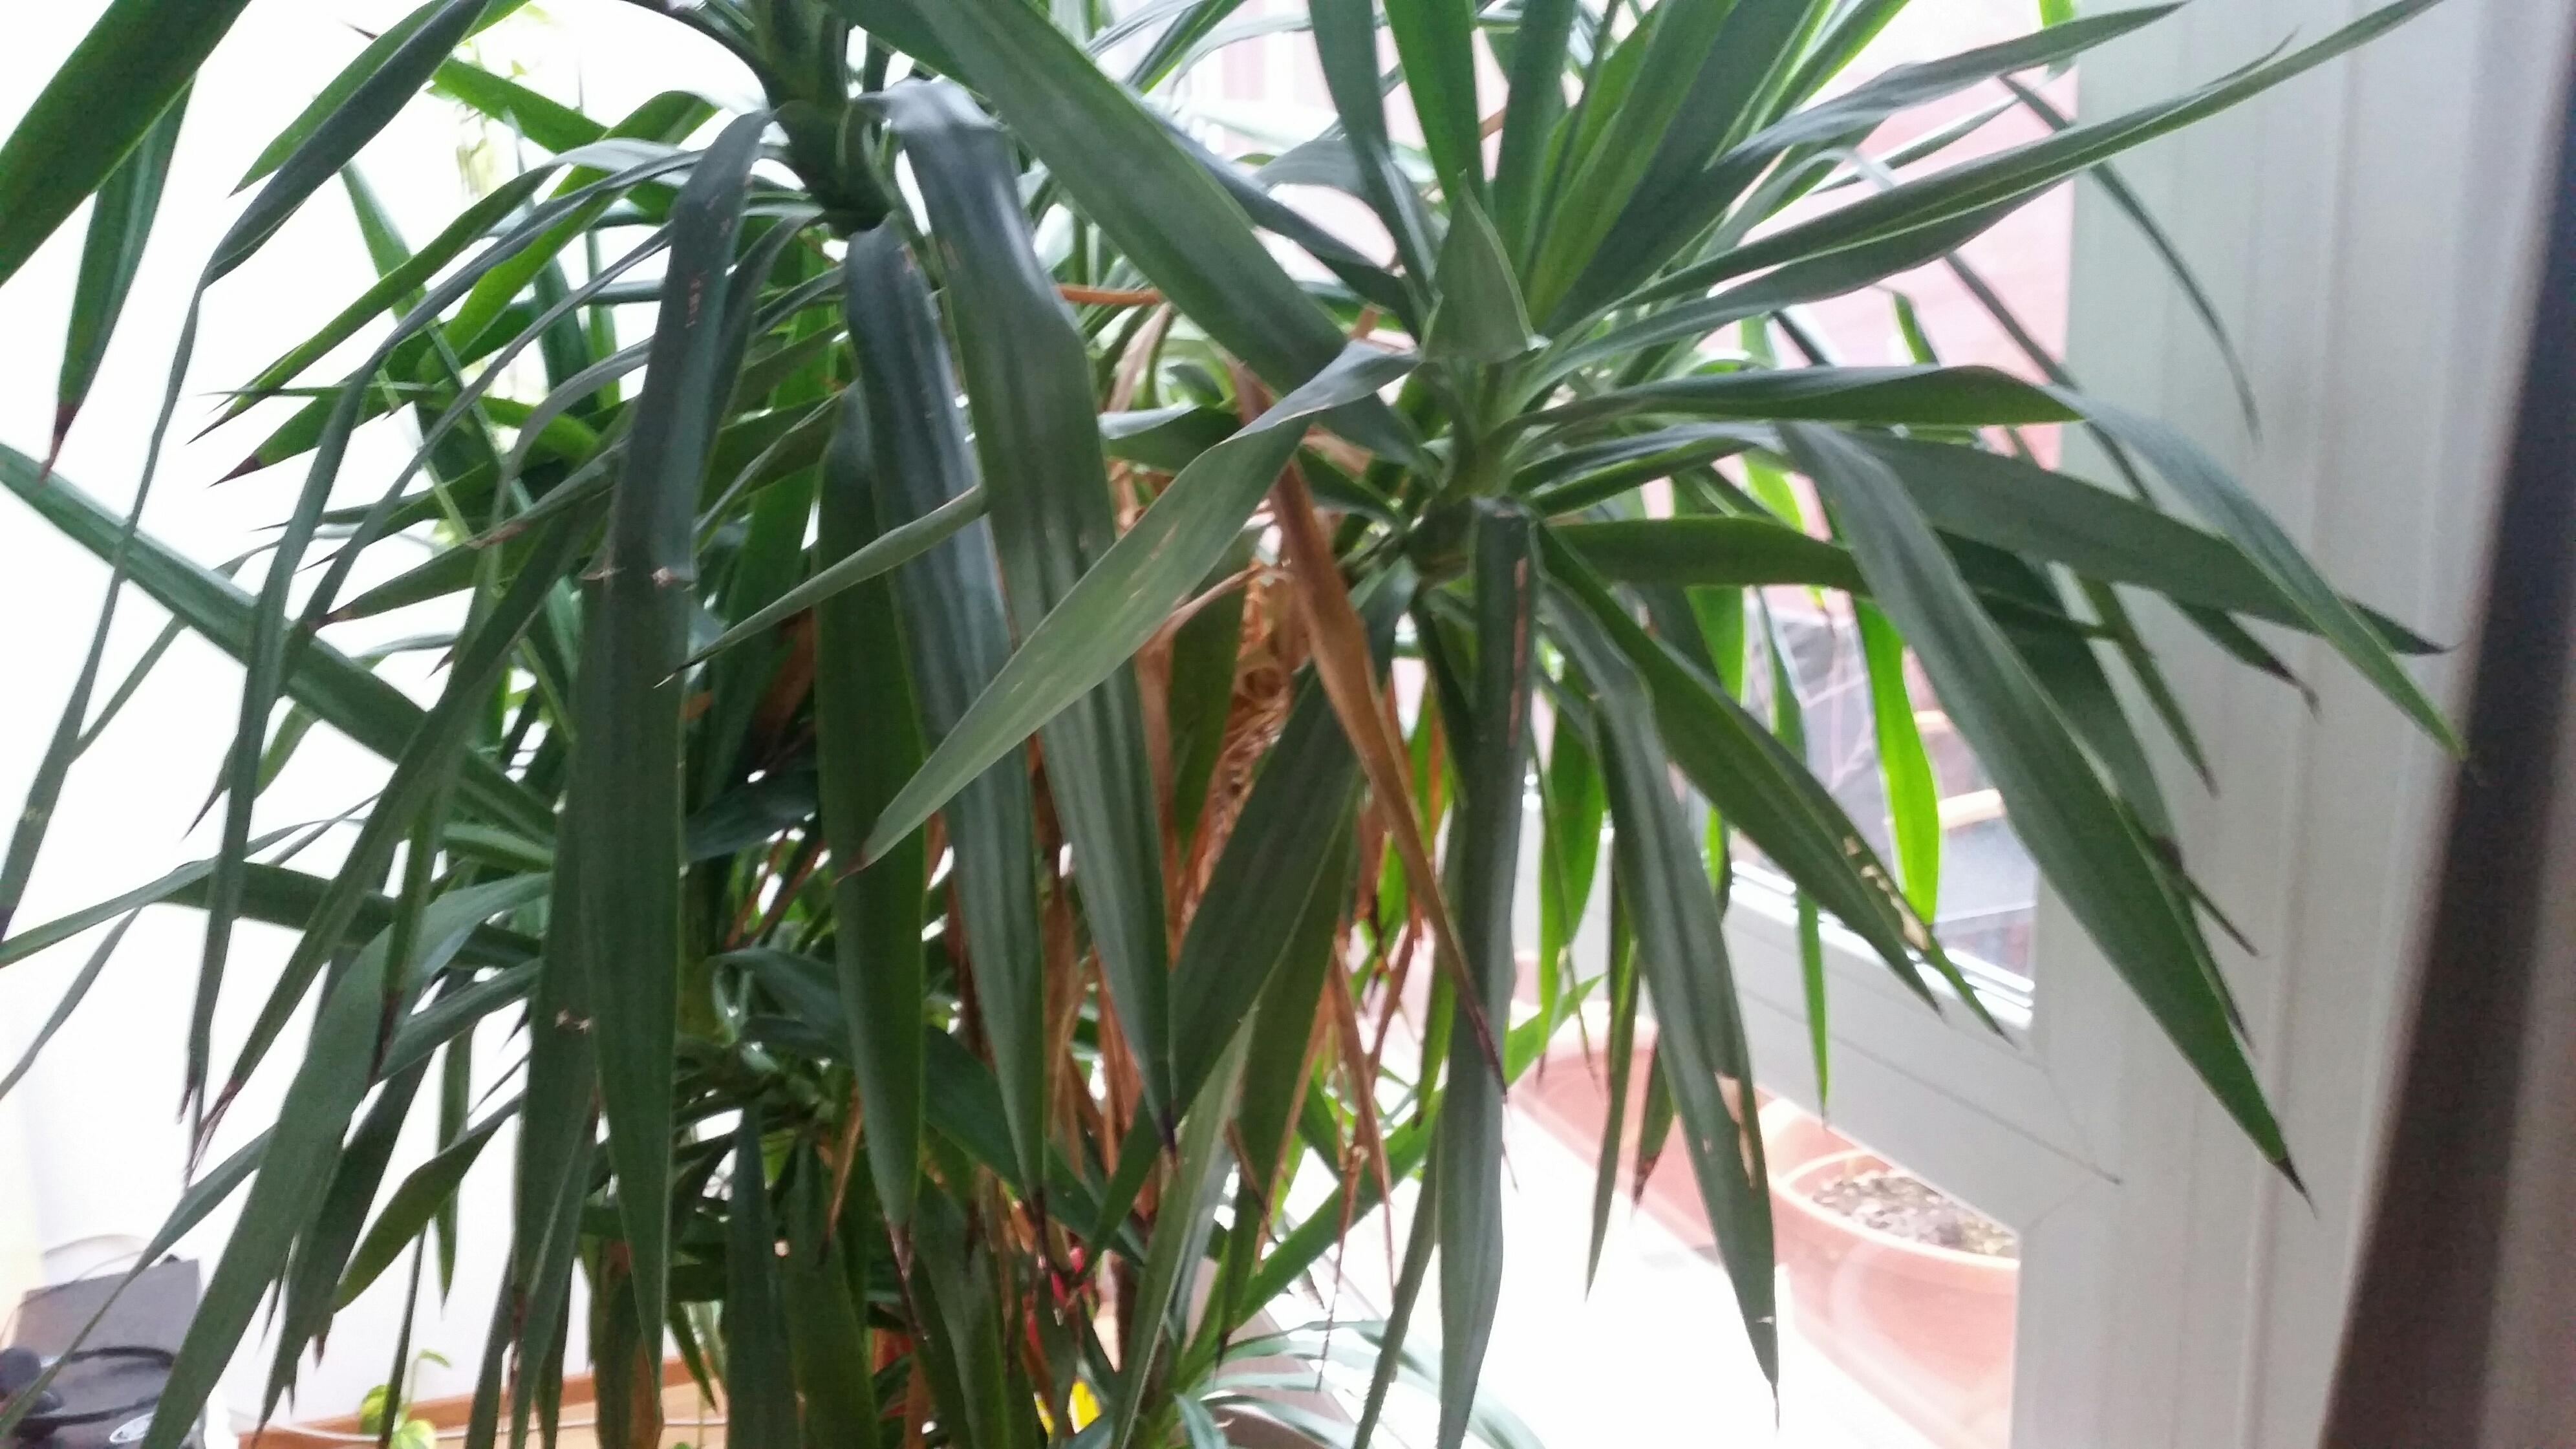 yucca palme pflanzenkrankheiten sch dlinge green24. Black Bedroom Furniture Sets. Home Design Ideas